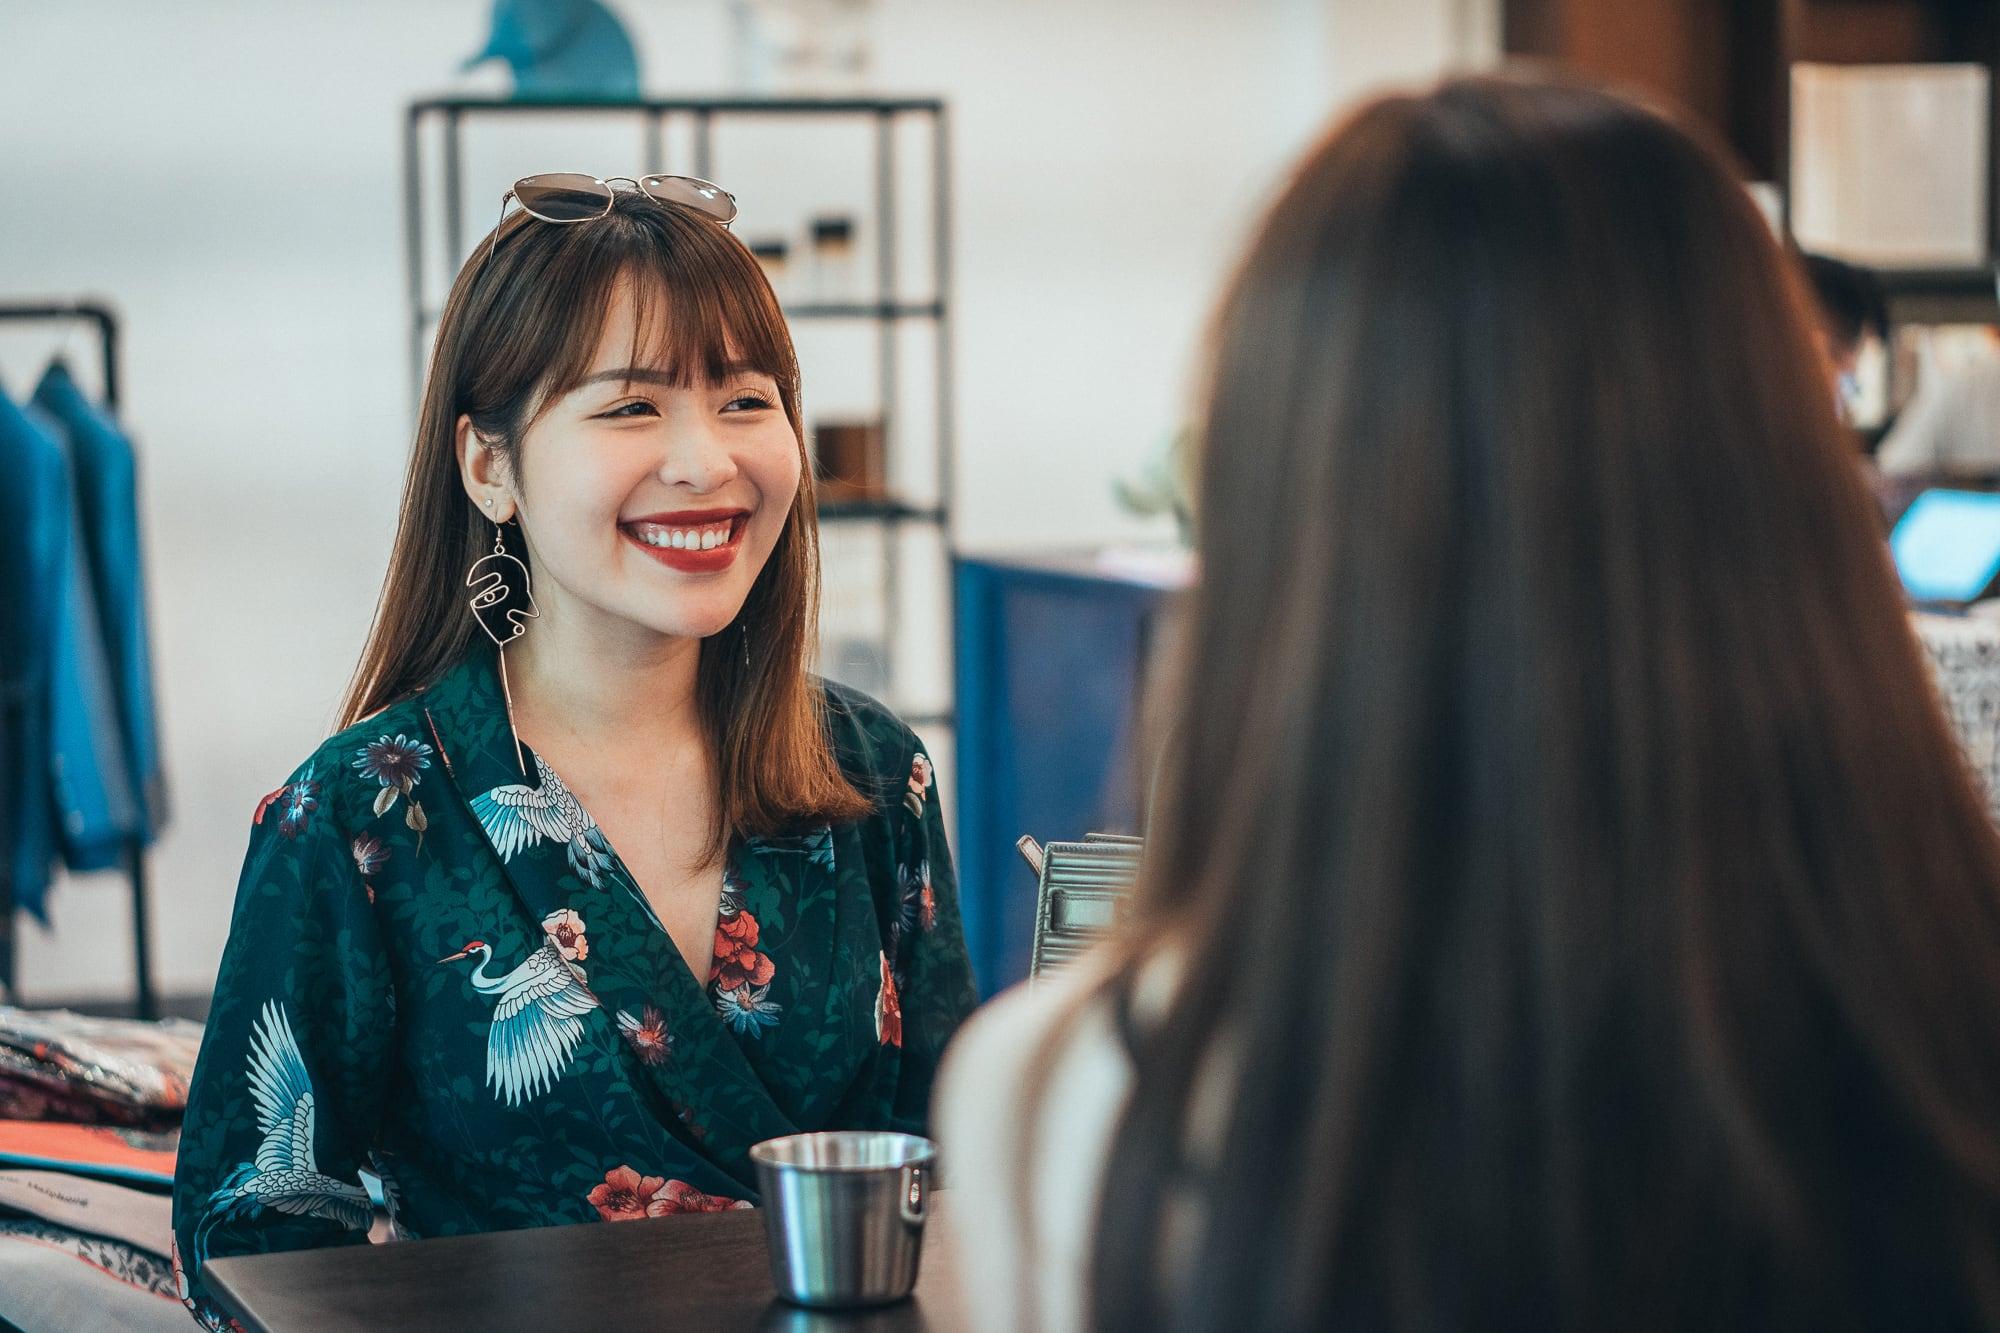 Beauty blogger An Phương: Viết báo để tìm lại điểm cân bằng